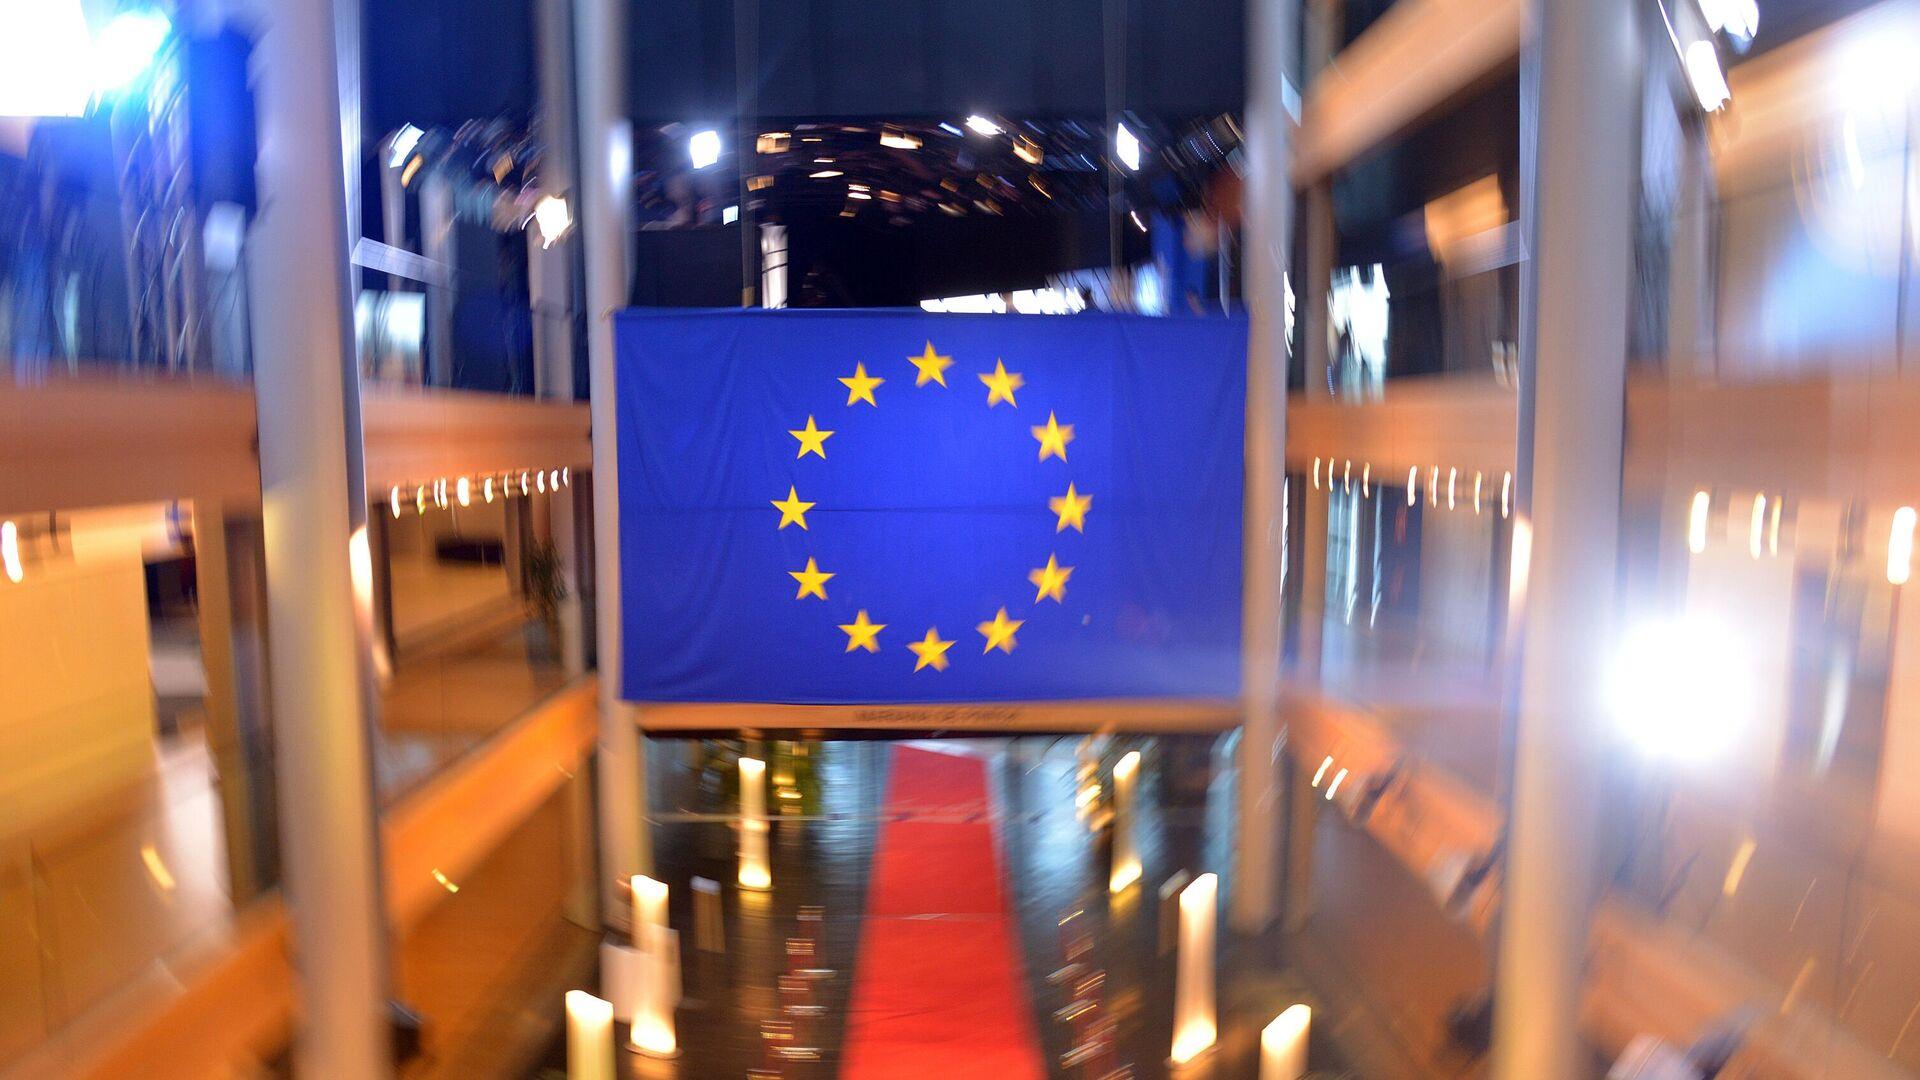 Флаг Евросоюза в главном здании Европейского парламента в Страсбурге - РИА Новости, 1920, 19.04.2021